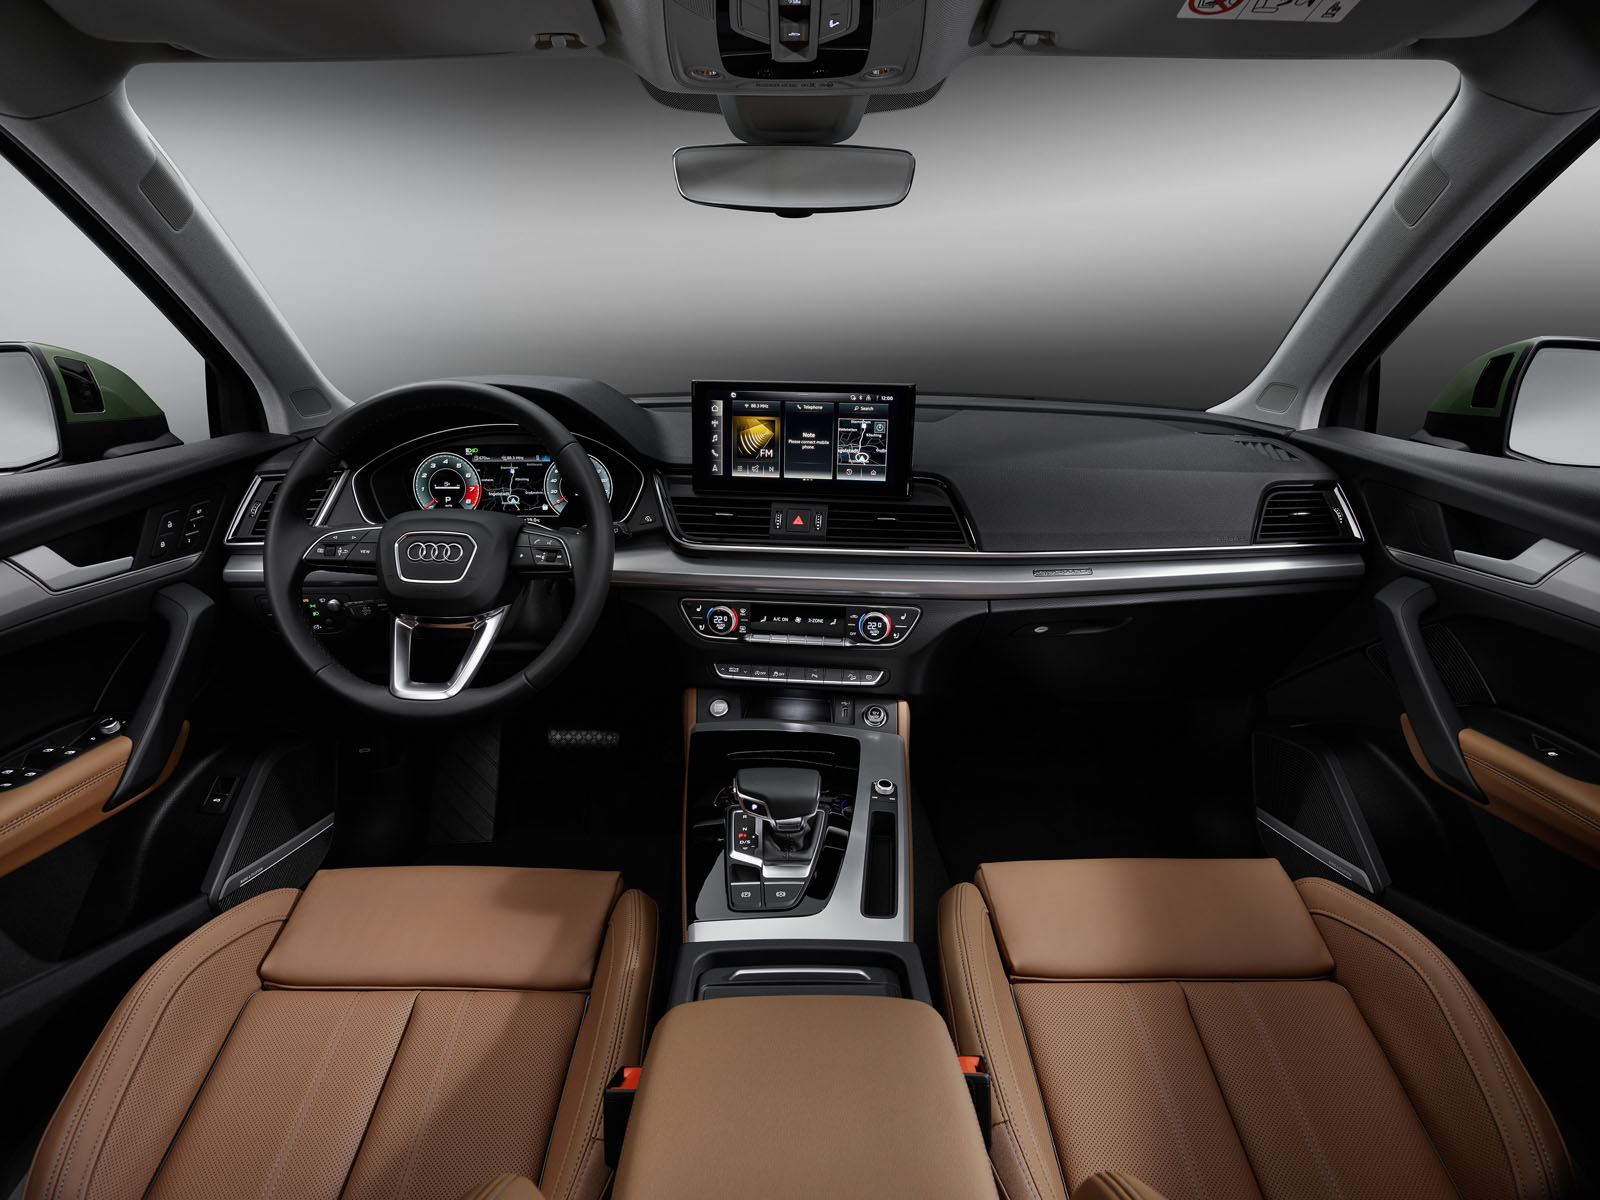 2021 Audi Q5 Cockpit